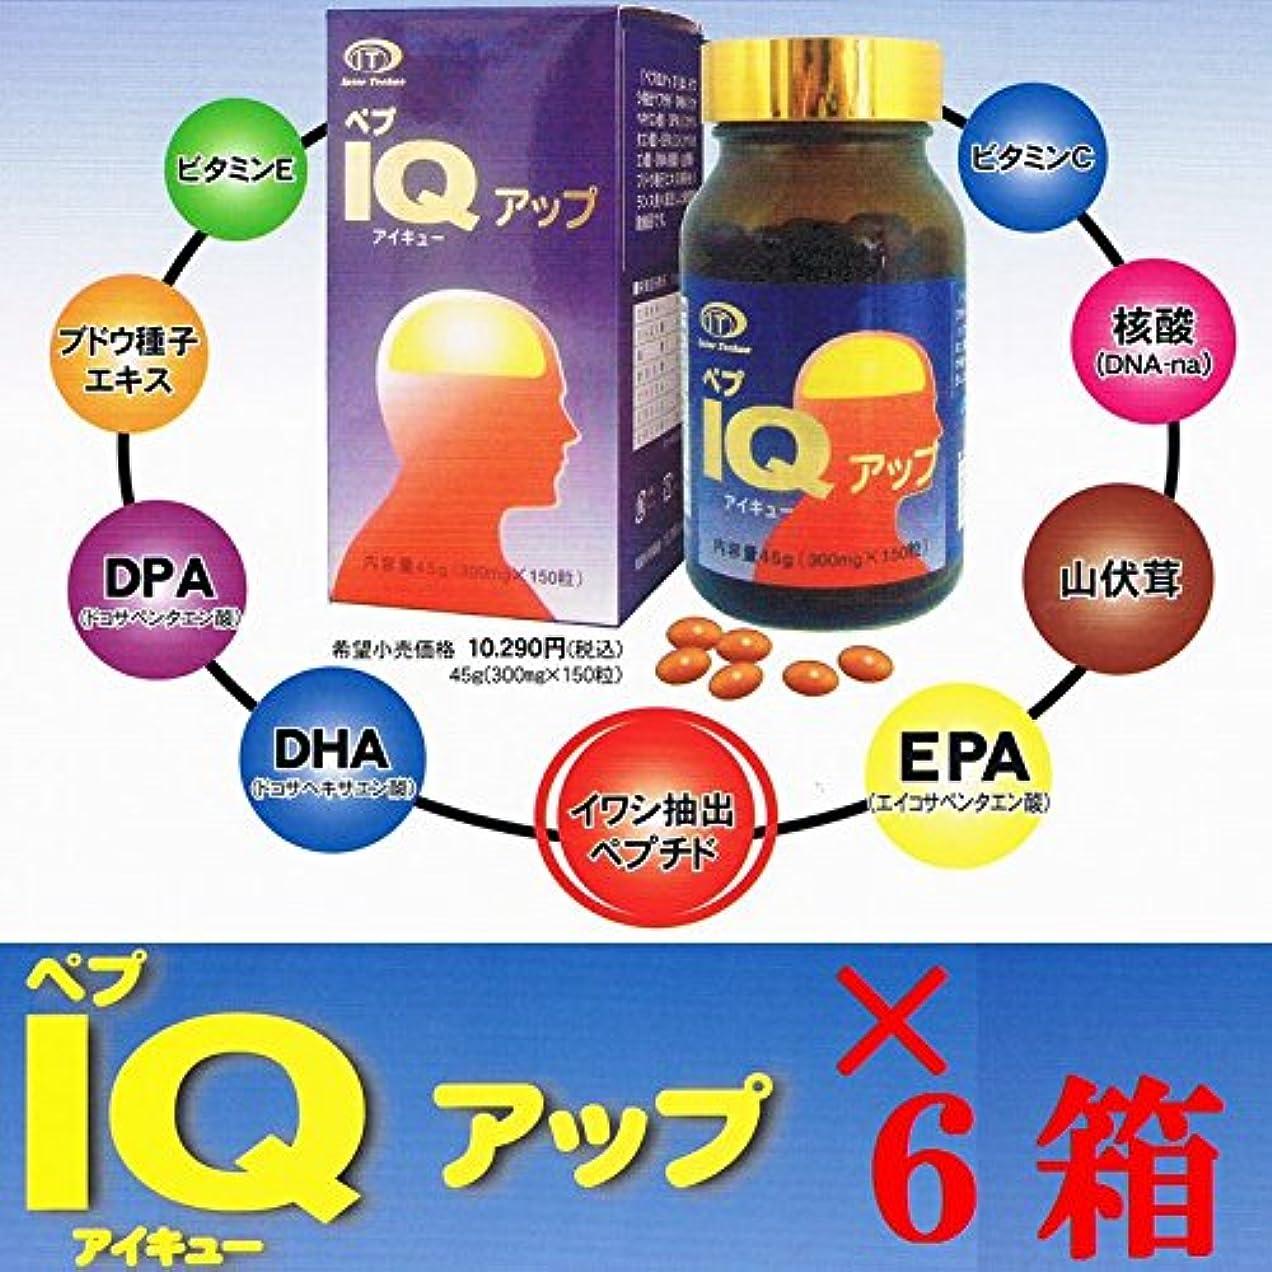 手段おとこ再発するペプIQアップ 150粒 ×超お得6箱セット 《記憶?思考、DHA、EPA》